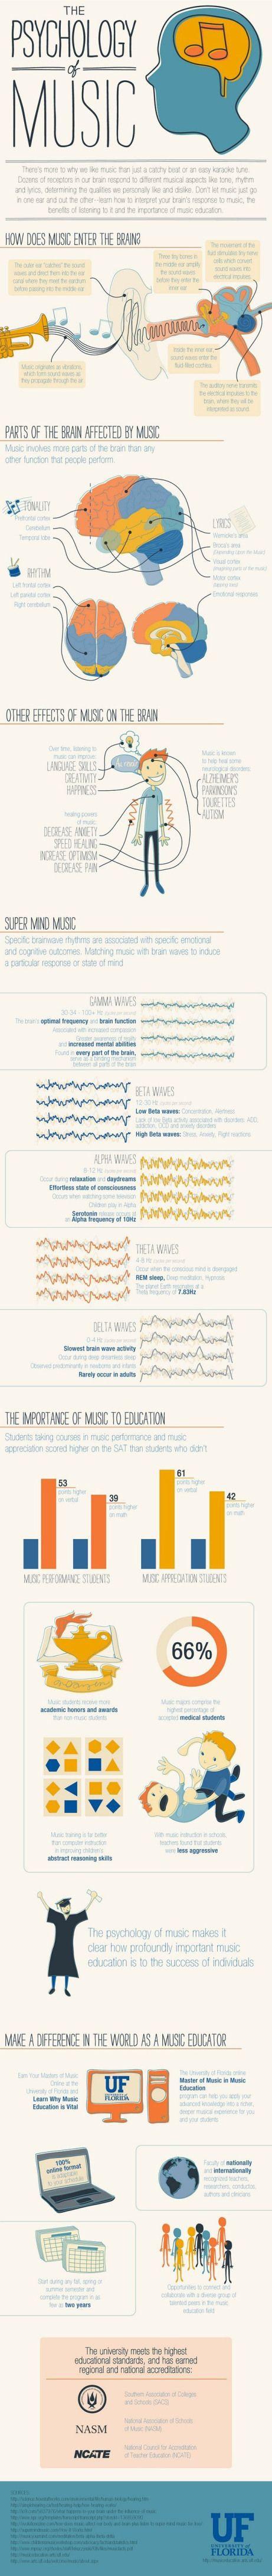 La psicología de la música (infografía) | Futuros Fonoaudiólogos